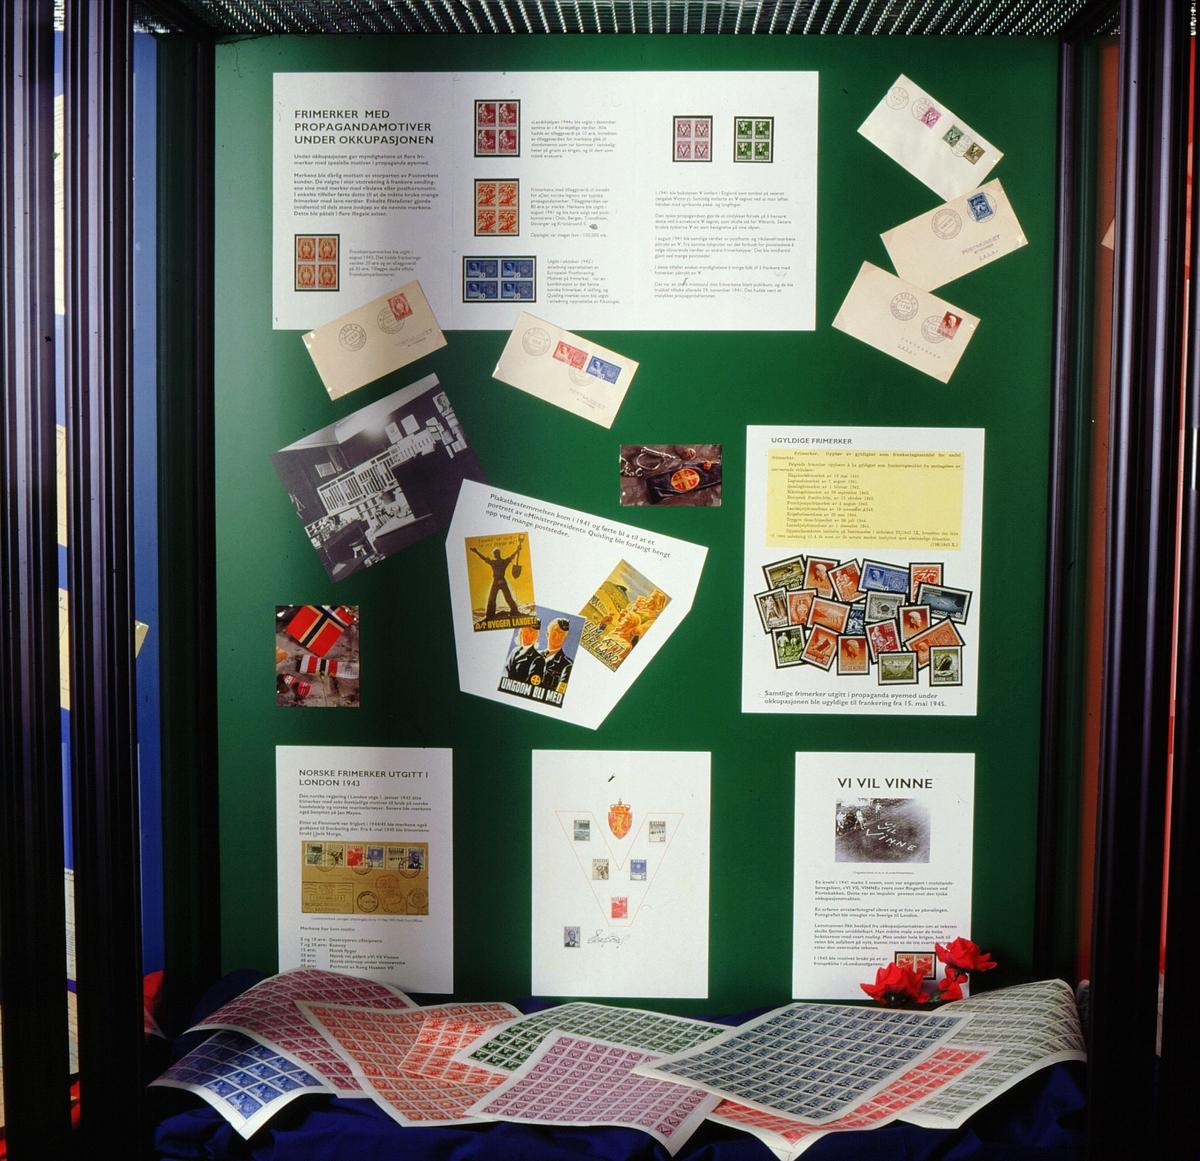 postmuseet, Kirkegata 20, utstilling, frimerker, frigjøringsjubileet, 8. mai 1995, frimerker med propagandamotiver under okkupasjonen, norske frimerker utgitt i London 1943, vi vil vinne